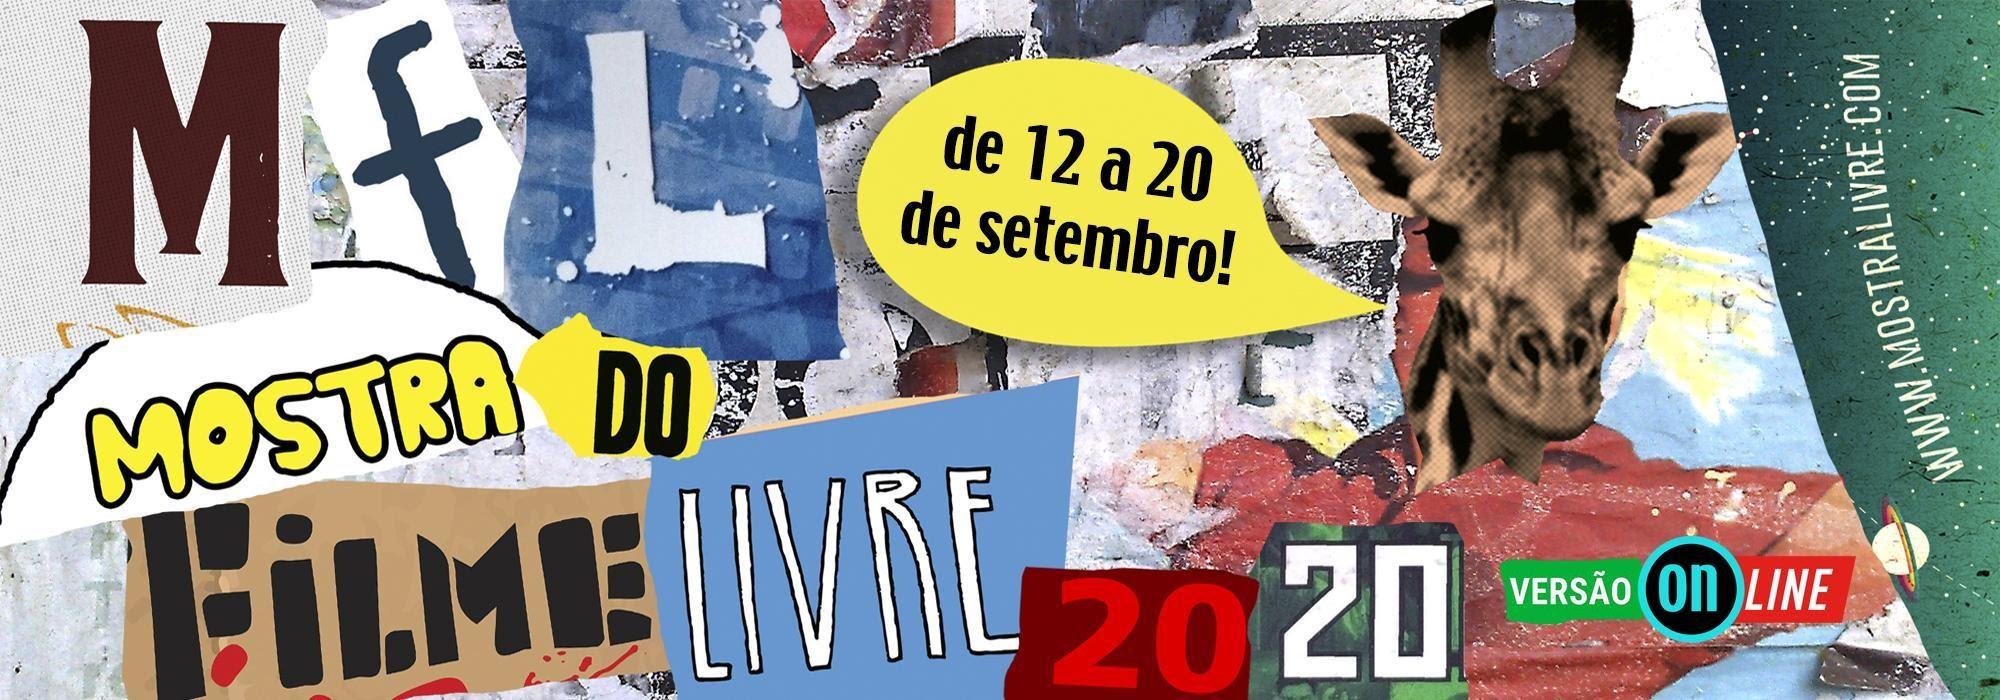 Mostra do Filme Livre começa dia 12 de setembro no formato on line